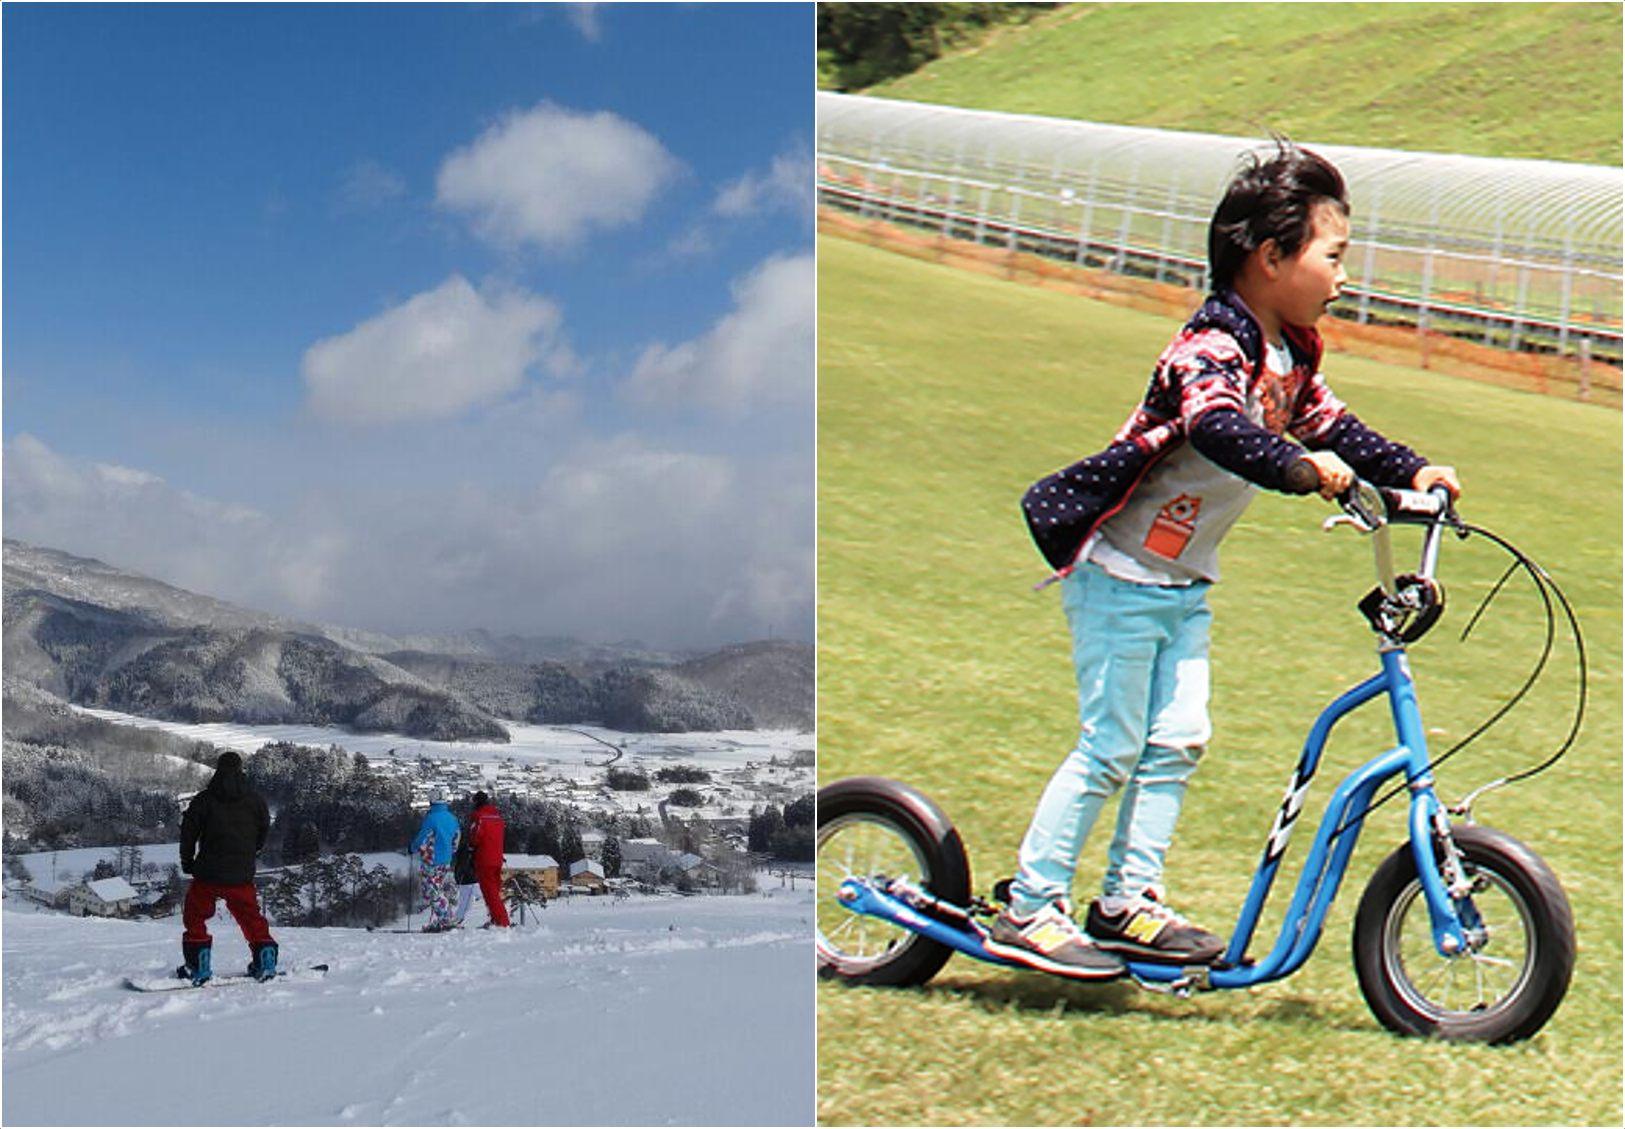 不管冬夏都能玩耍的滑雪场